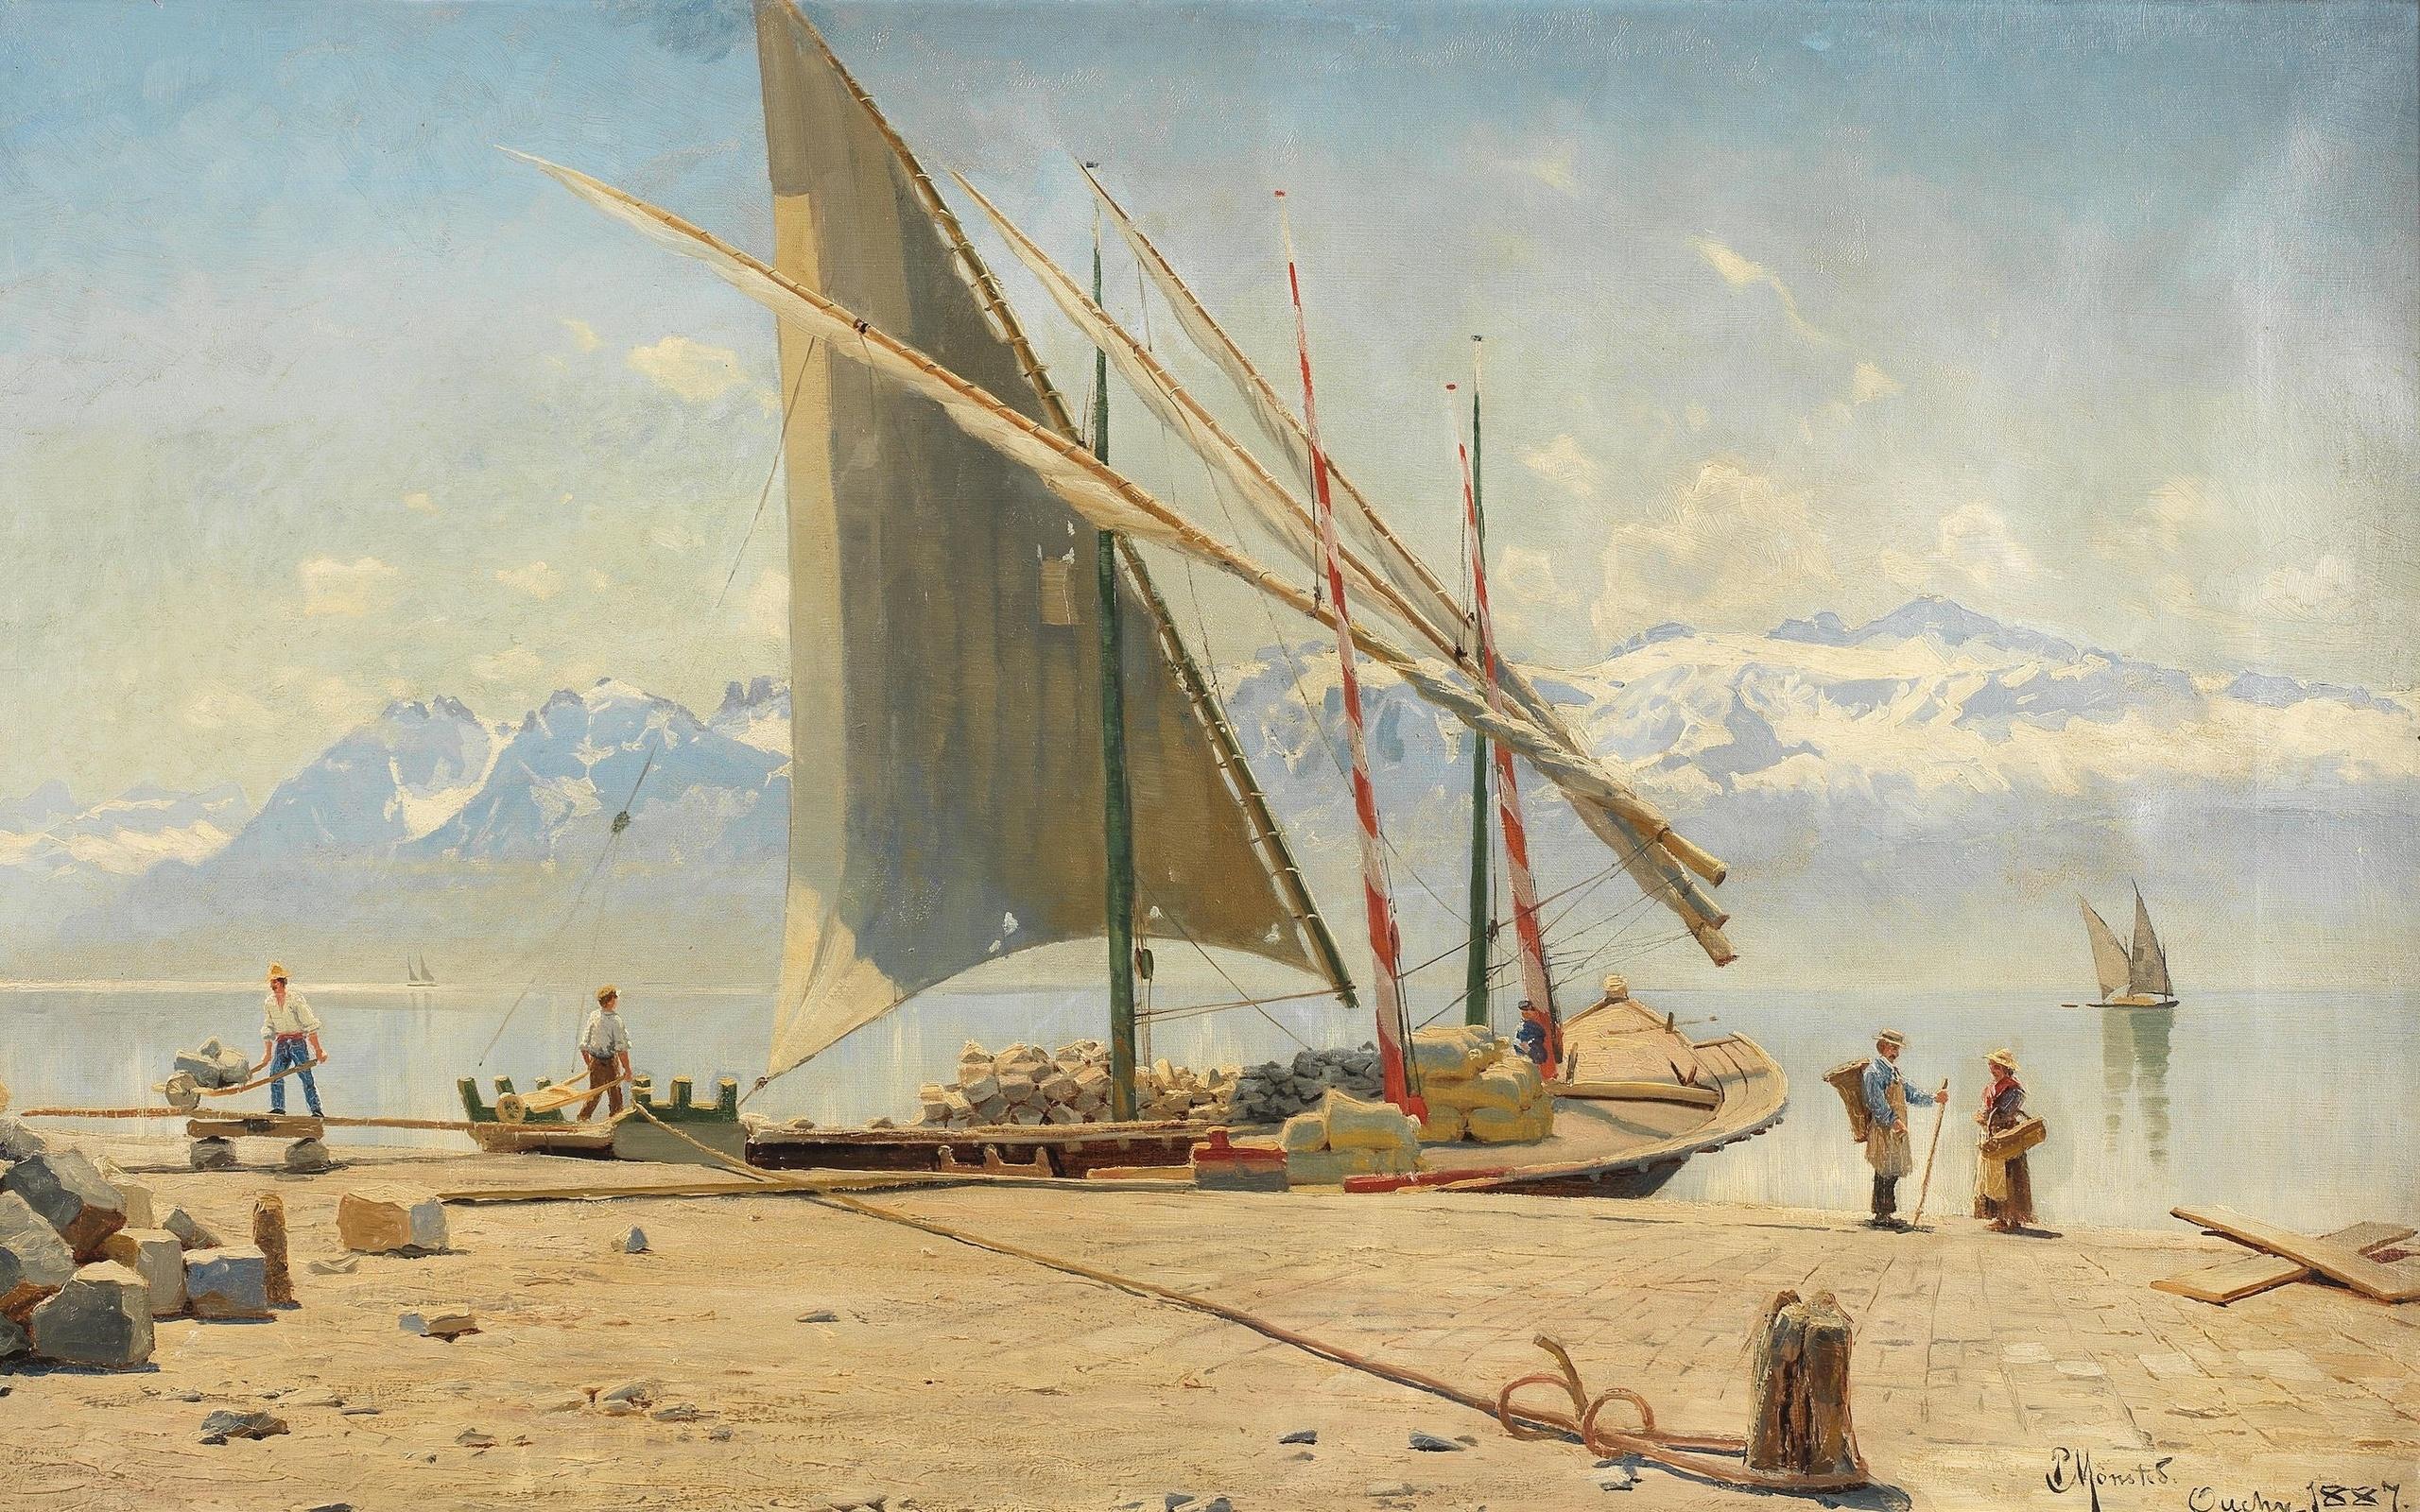 帆船 油画 雪山 人 湖泊 高清动漫桌面壁纸插图